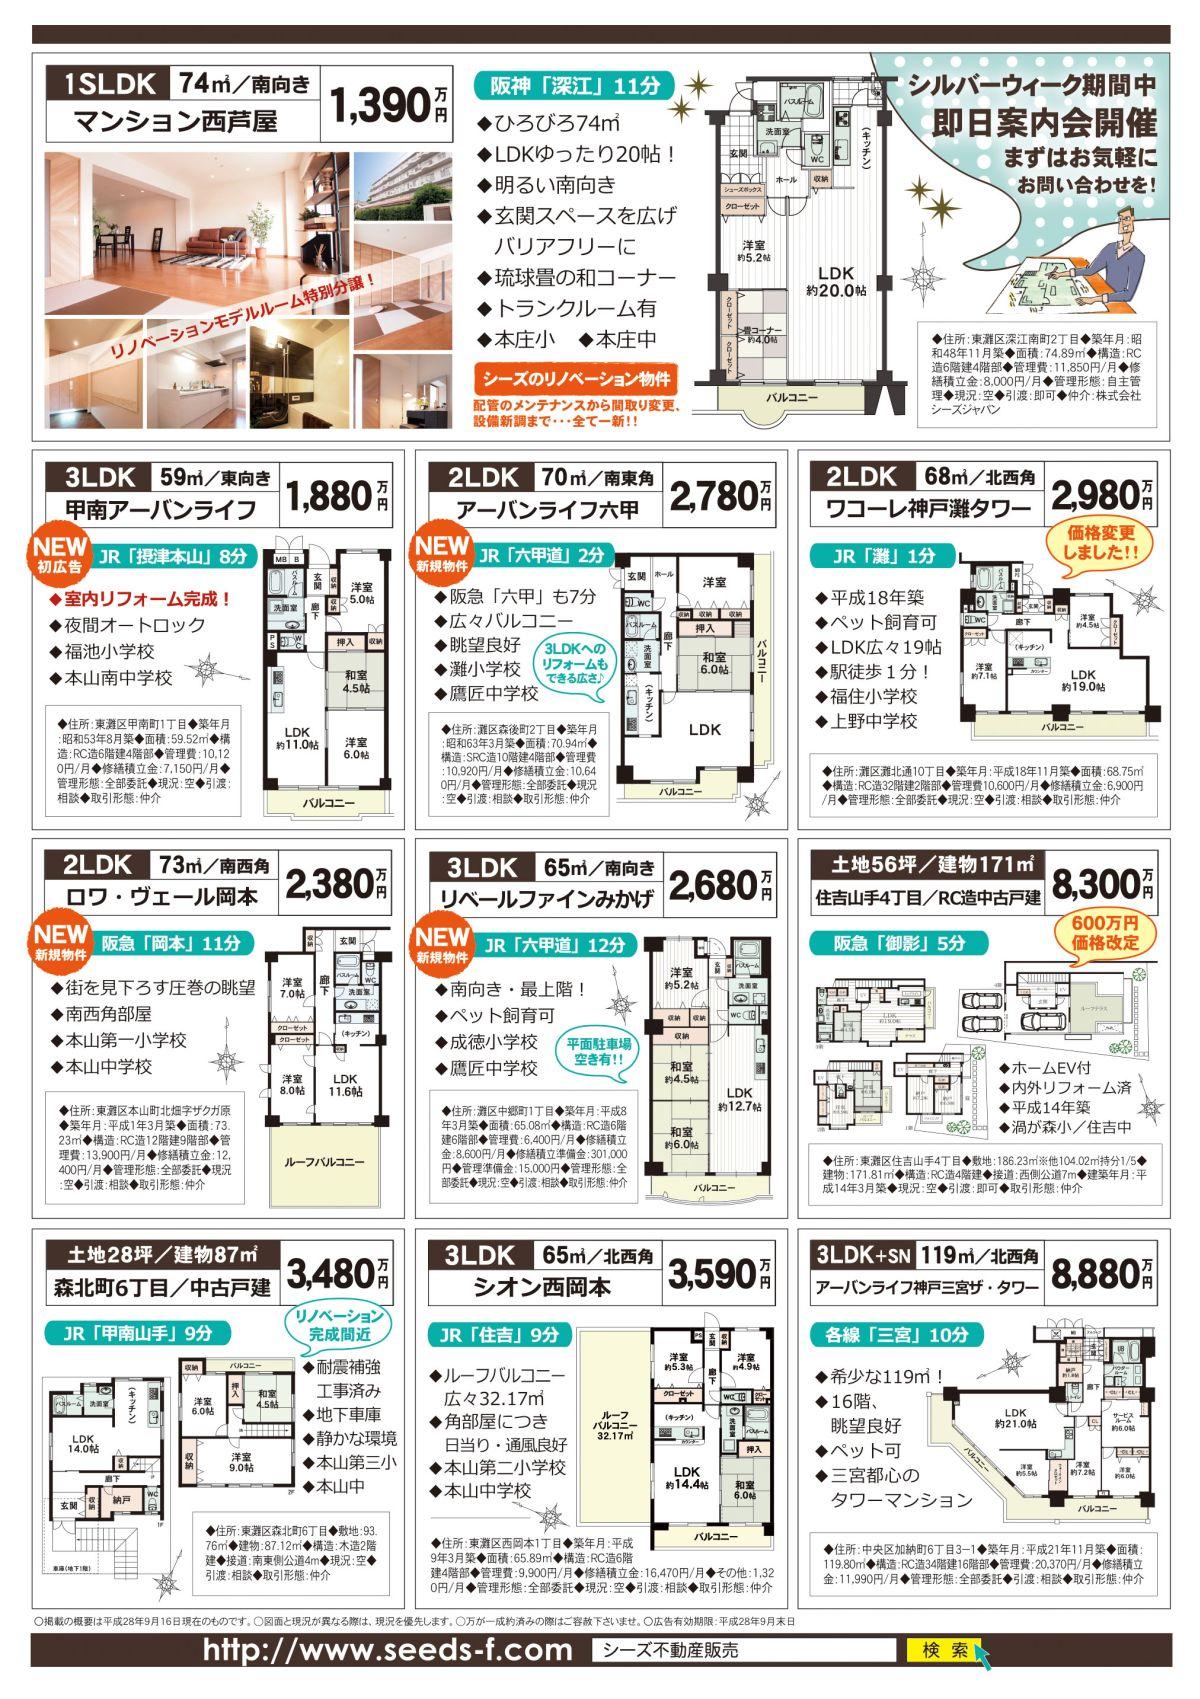 9月22日折込ウラ(マンション西芦屋+東灘区・